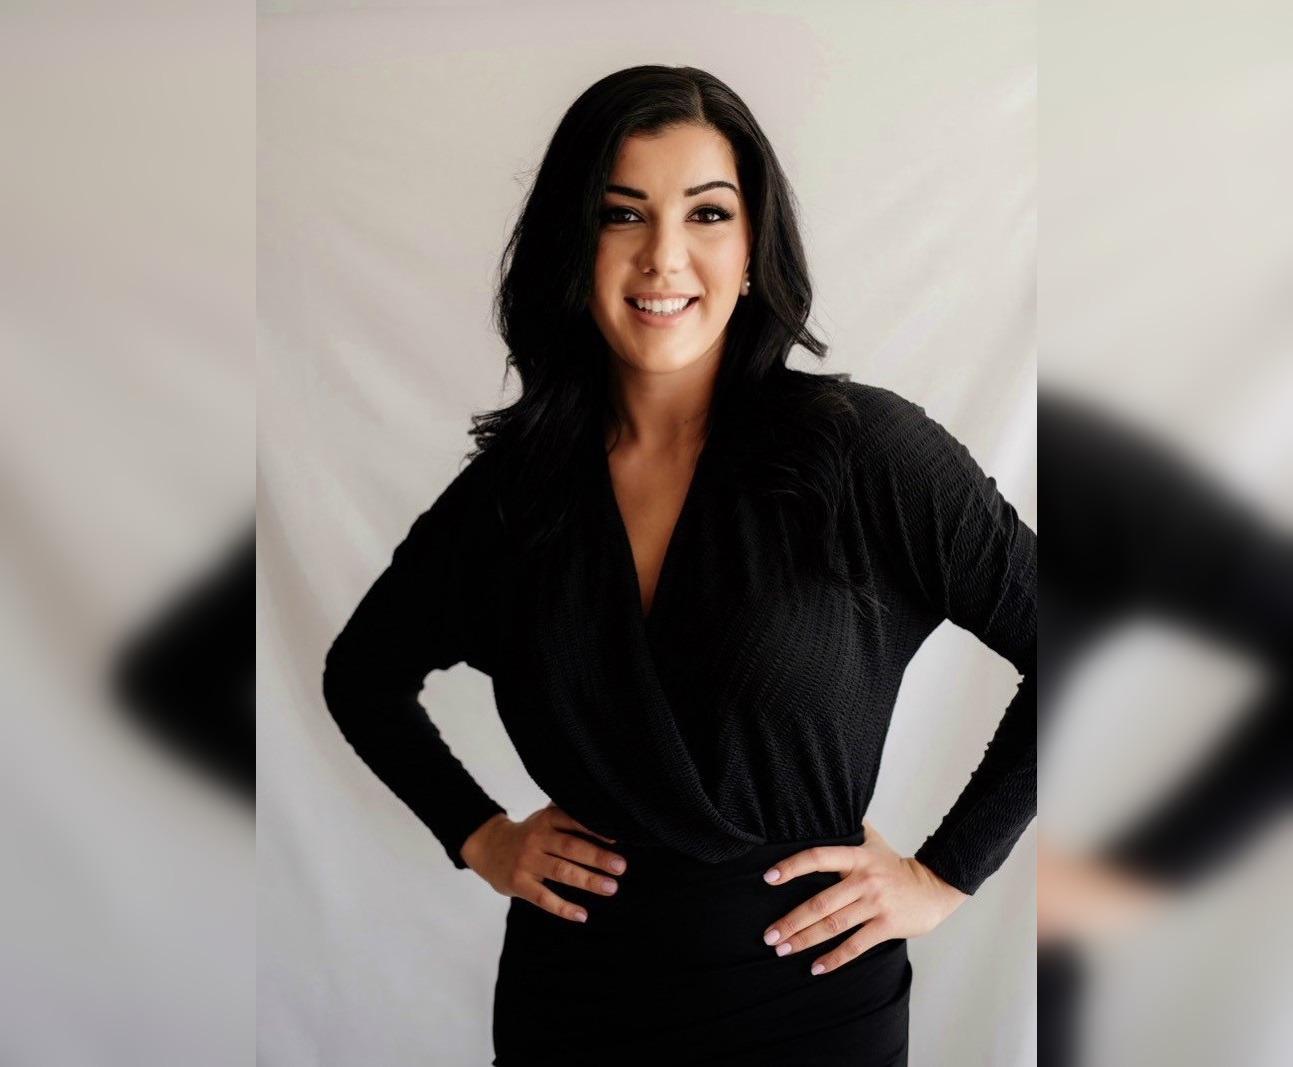 Jomana Elwenni